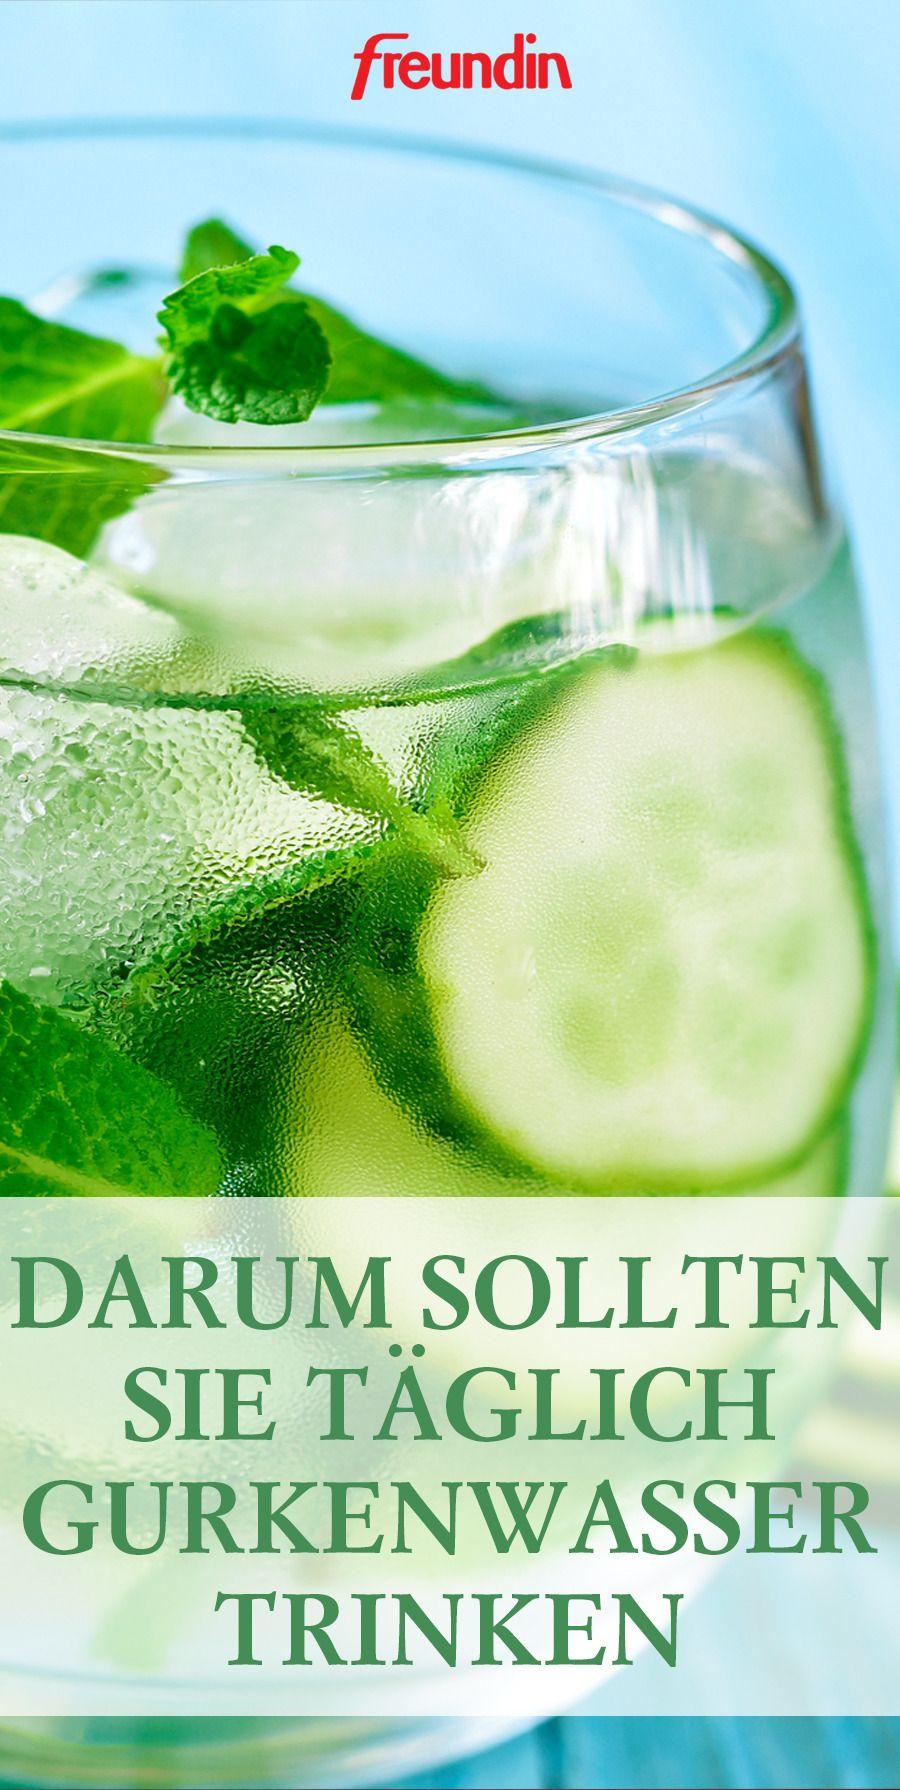 Darum sollten Sie täglich Gurkenwasser trinken + Rezepte | freundin.de